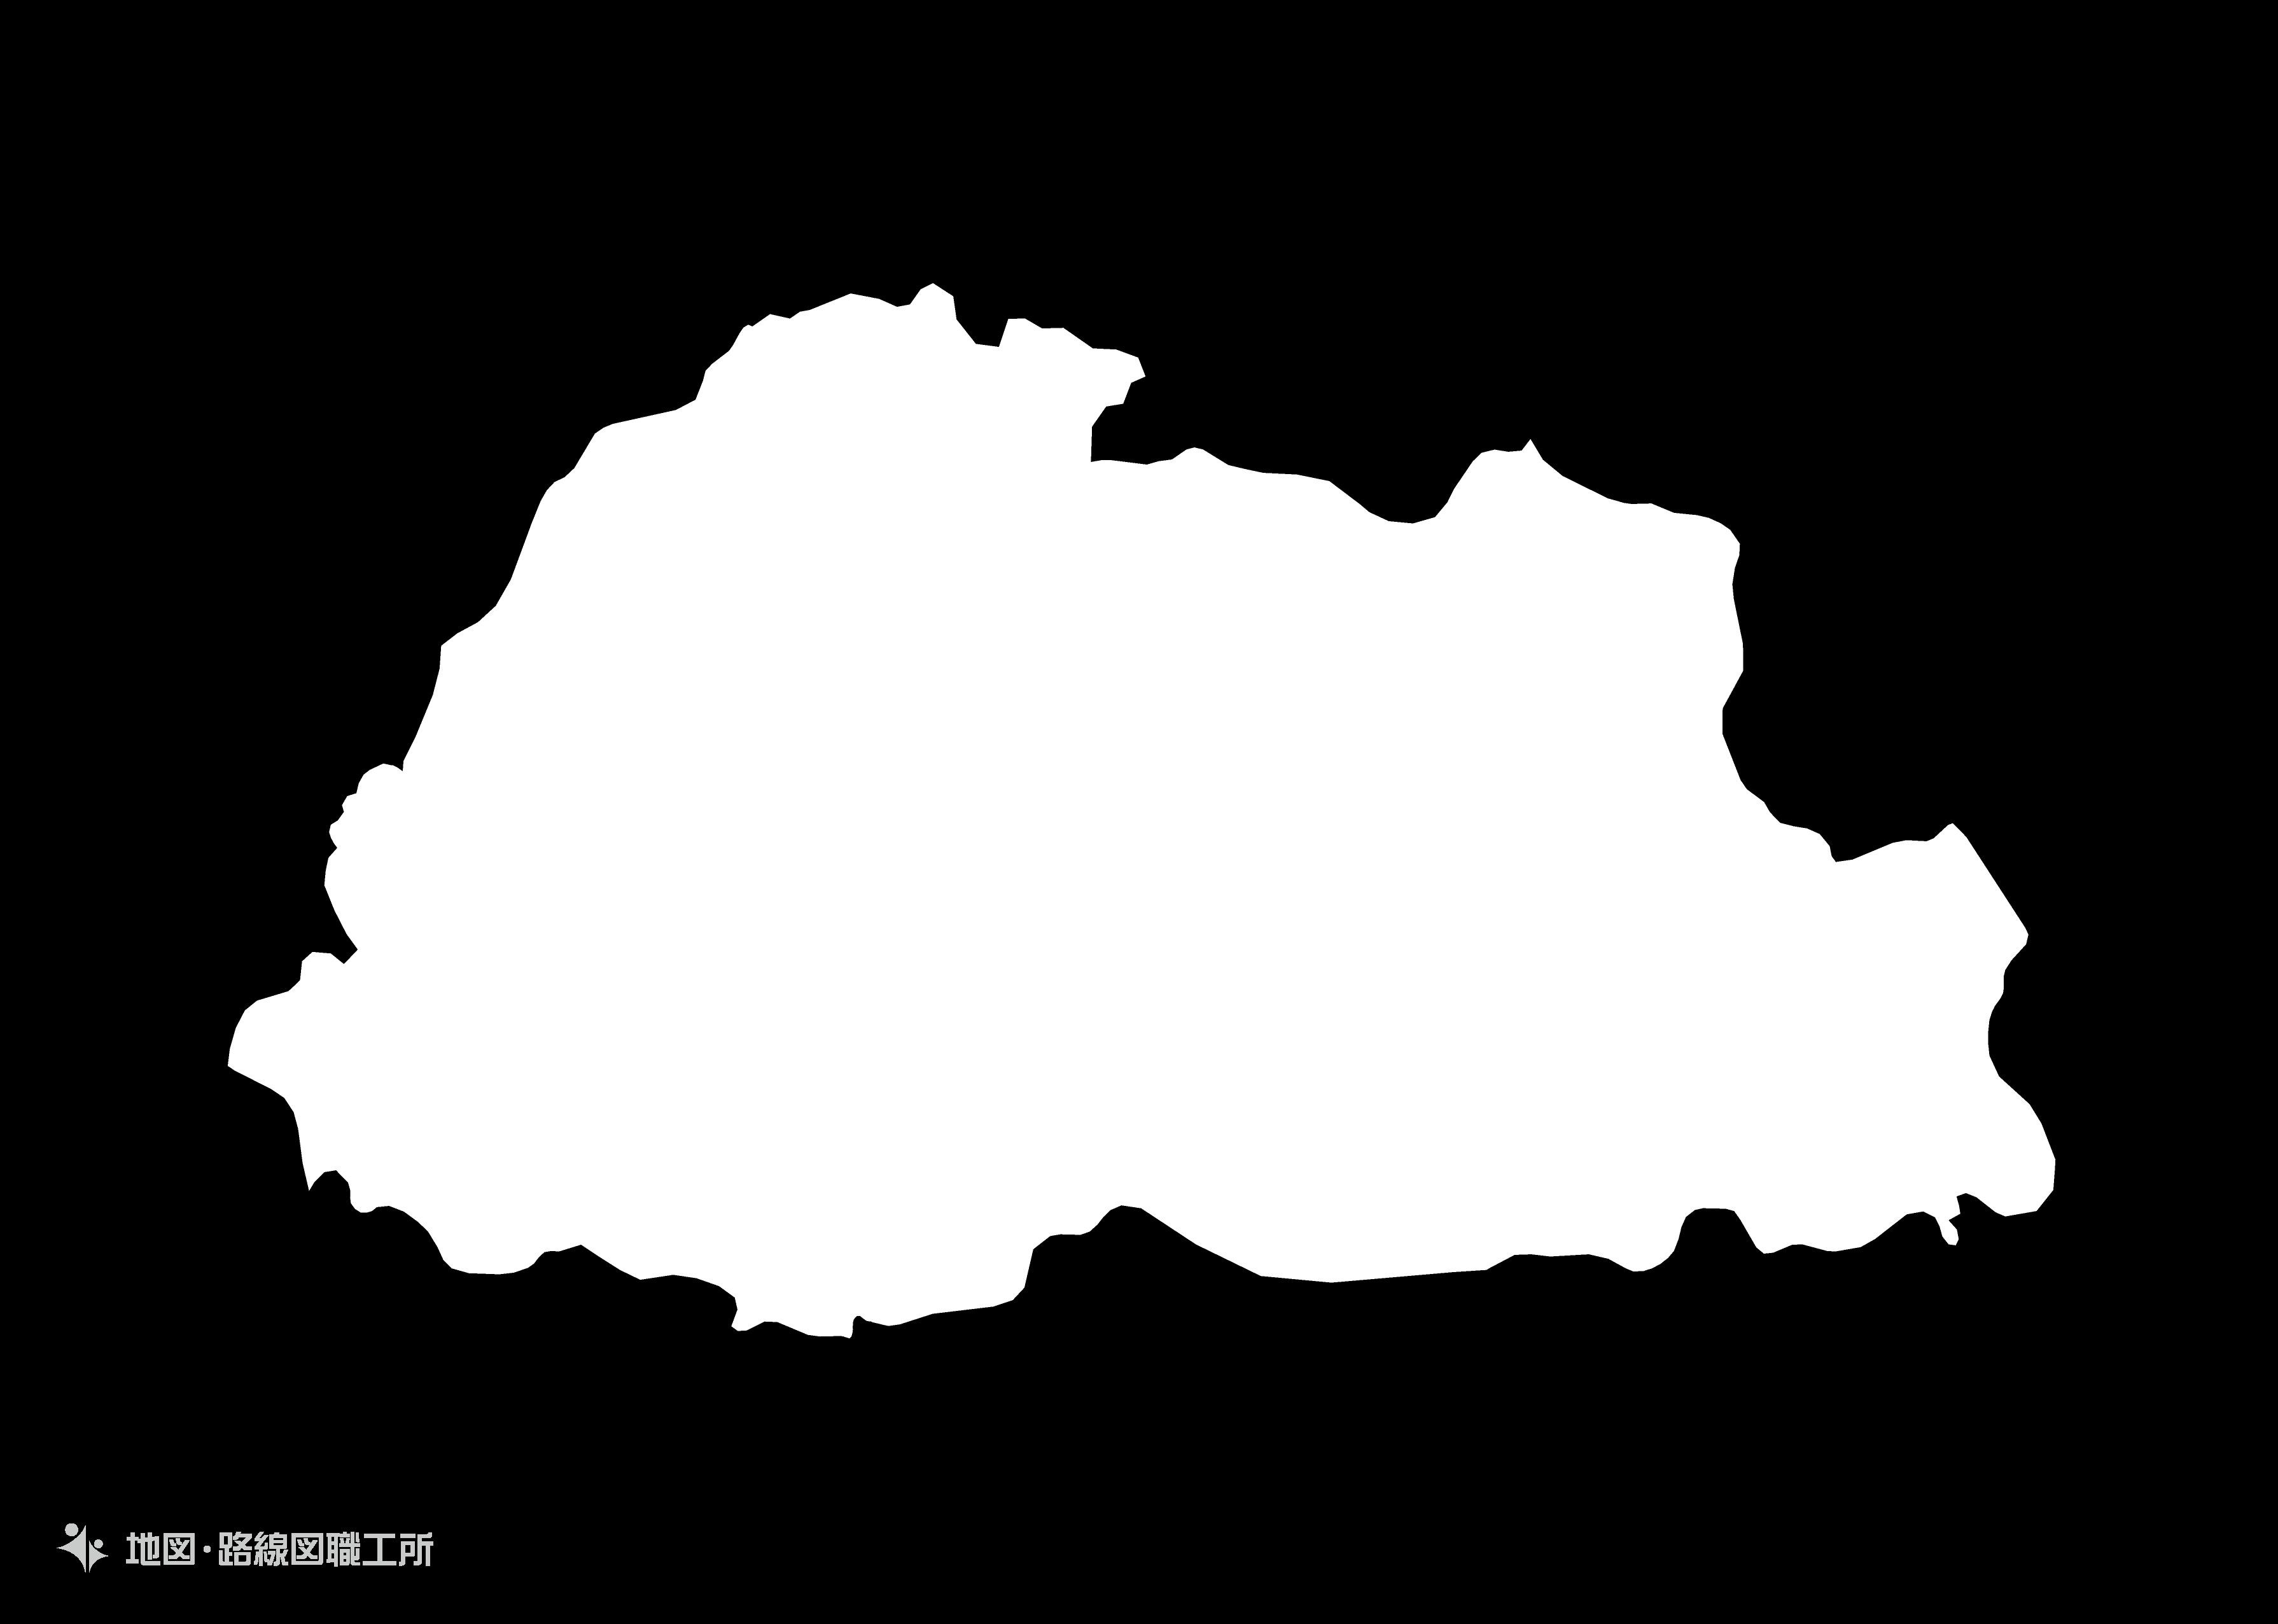 世界の白地図 ブータン王国 kingdom-of-bhutan map